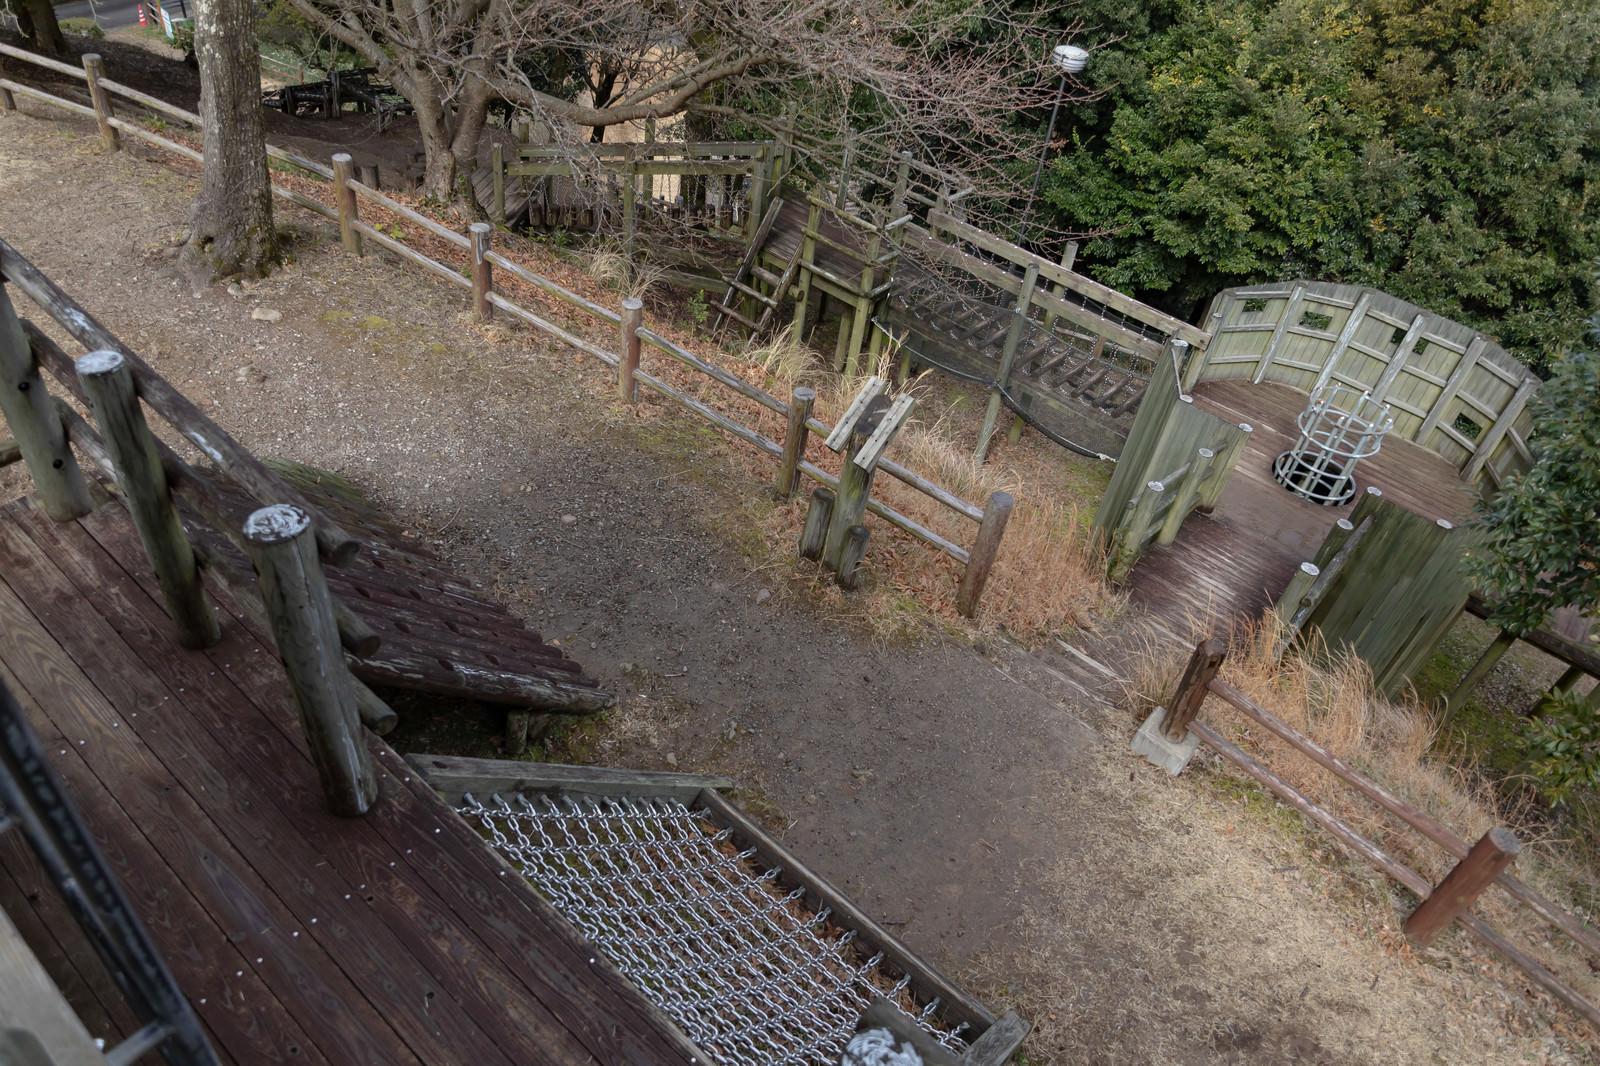 「本格的に造られた崎野自然公園のアスレチック場 | 写真の無料素材・フリー素材 - ぱくたそ」の写真